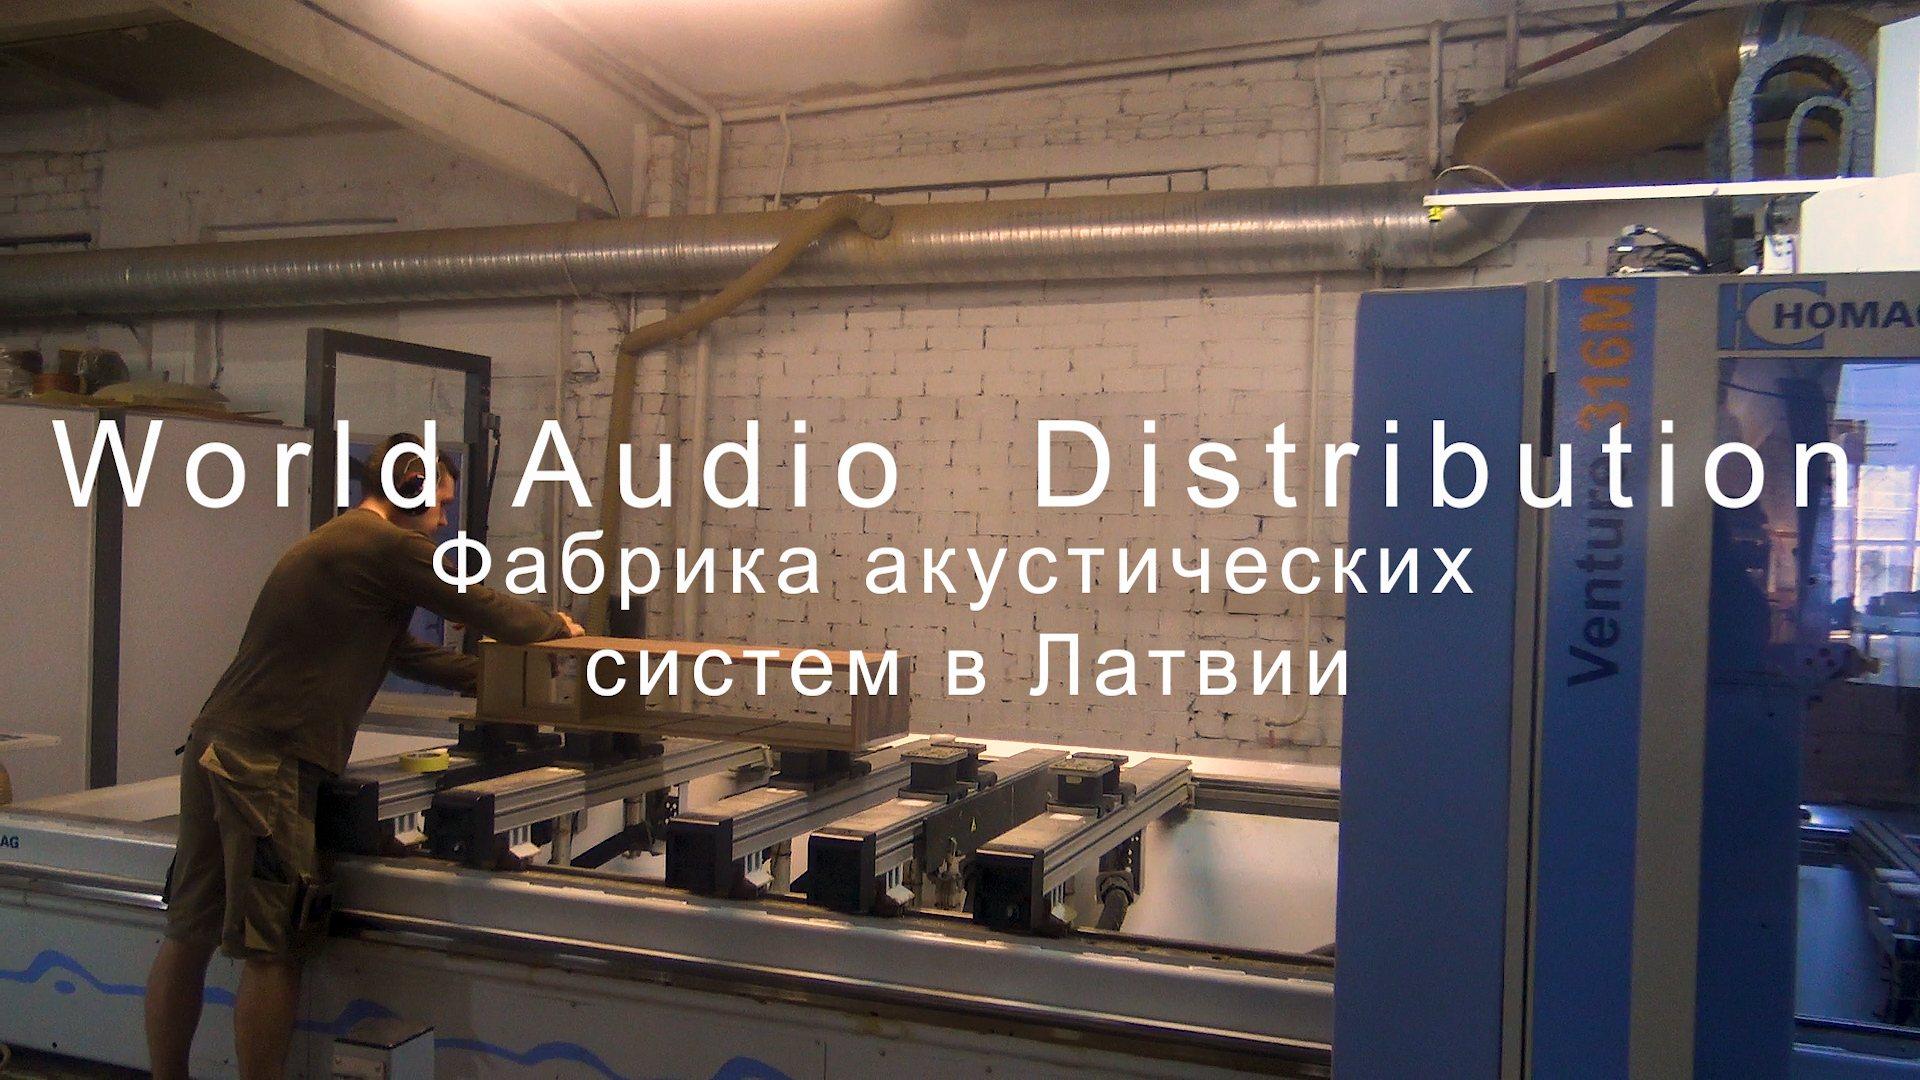 Видео-репортаж с фабрики Аудиомании по производству акустических систем в Латвии